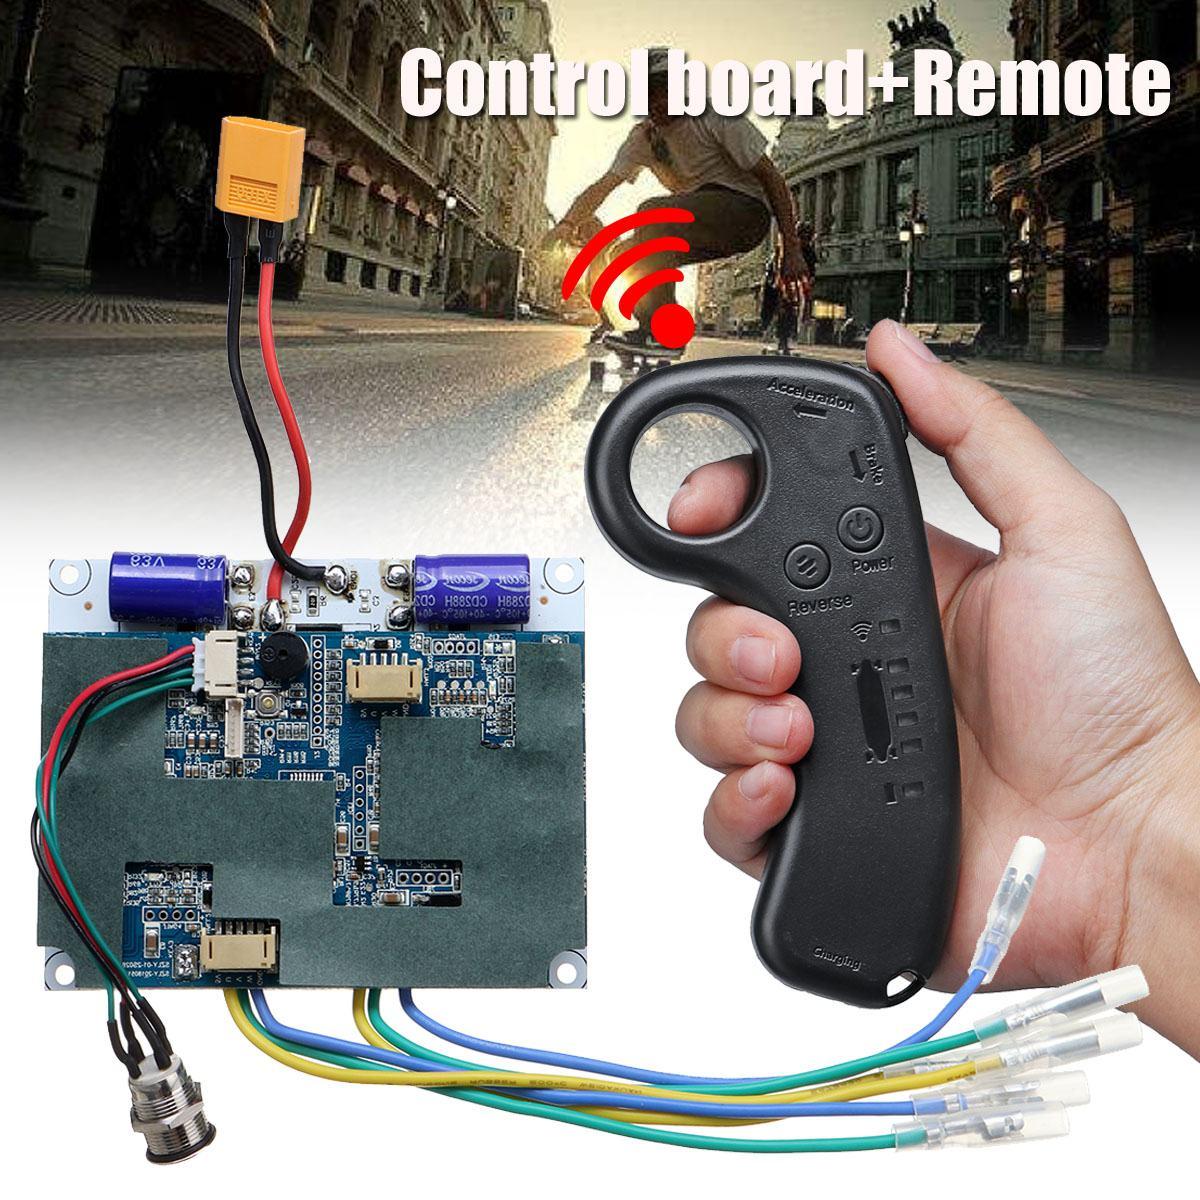 Contrôleur de planche à roulettes électrique Double moteur système d'entraînement Longboard télécommande pour accessoires de planche à roulettes Scooter